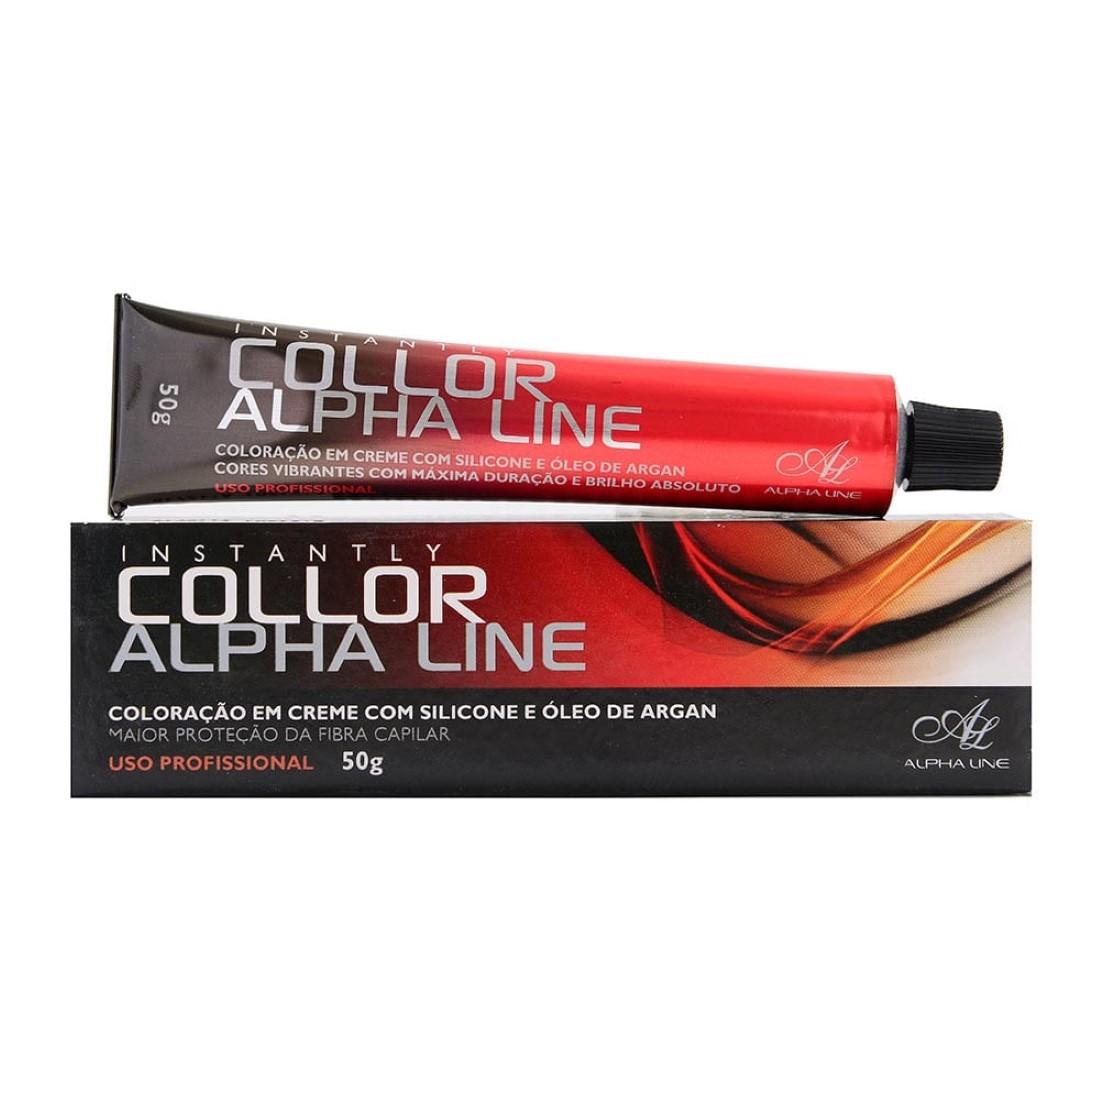 Coloração Instantly Collor Louro Médio 7.0- Alpha Line